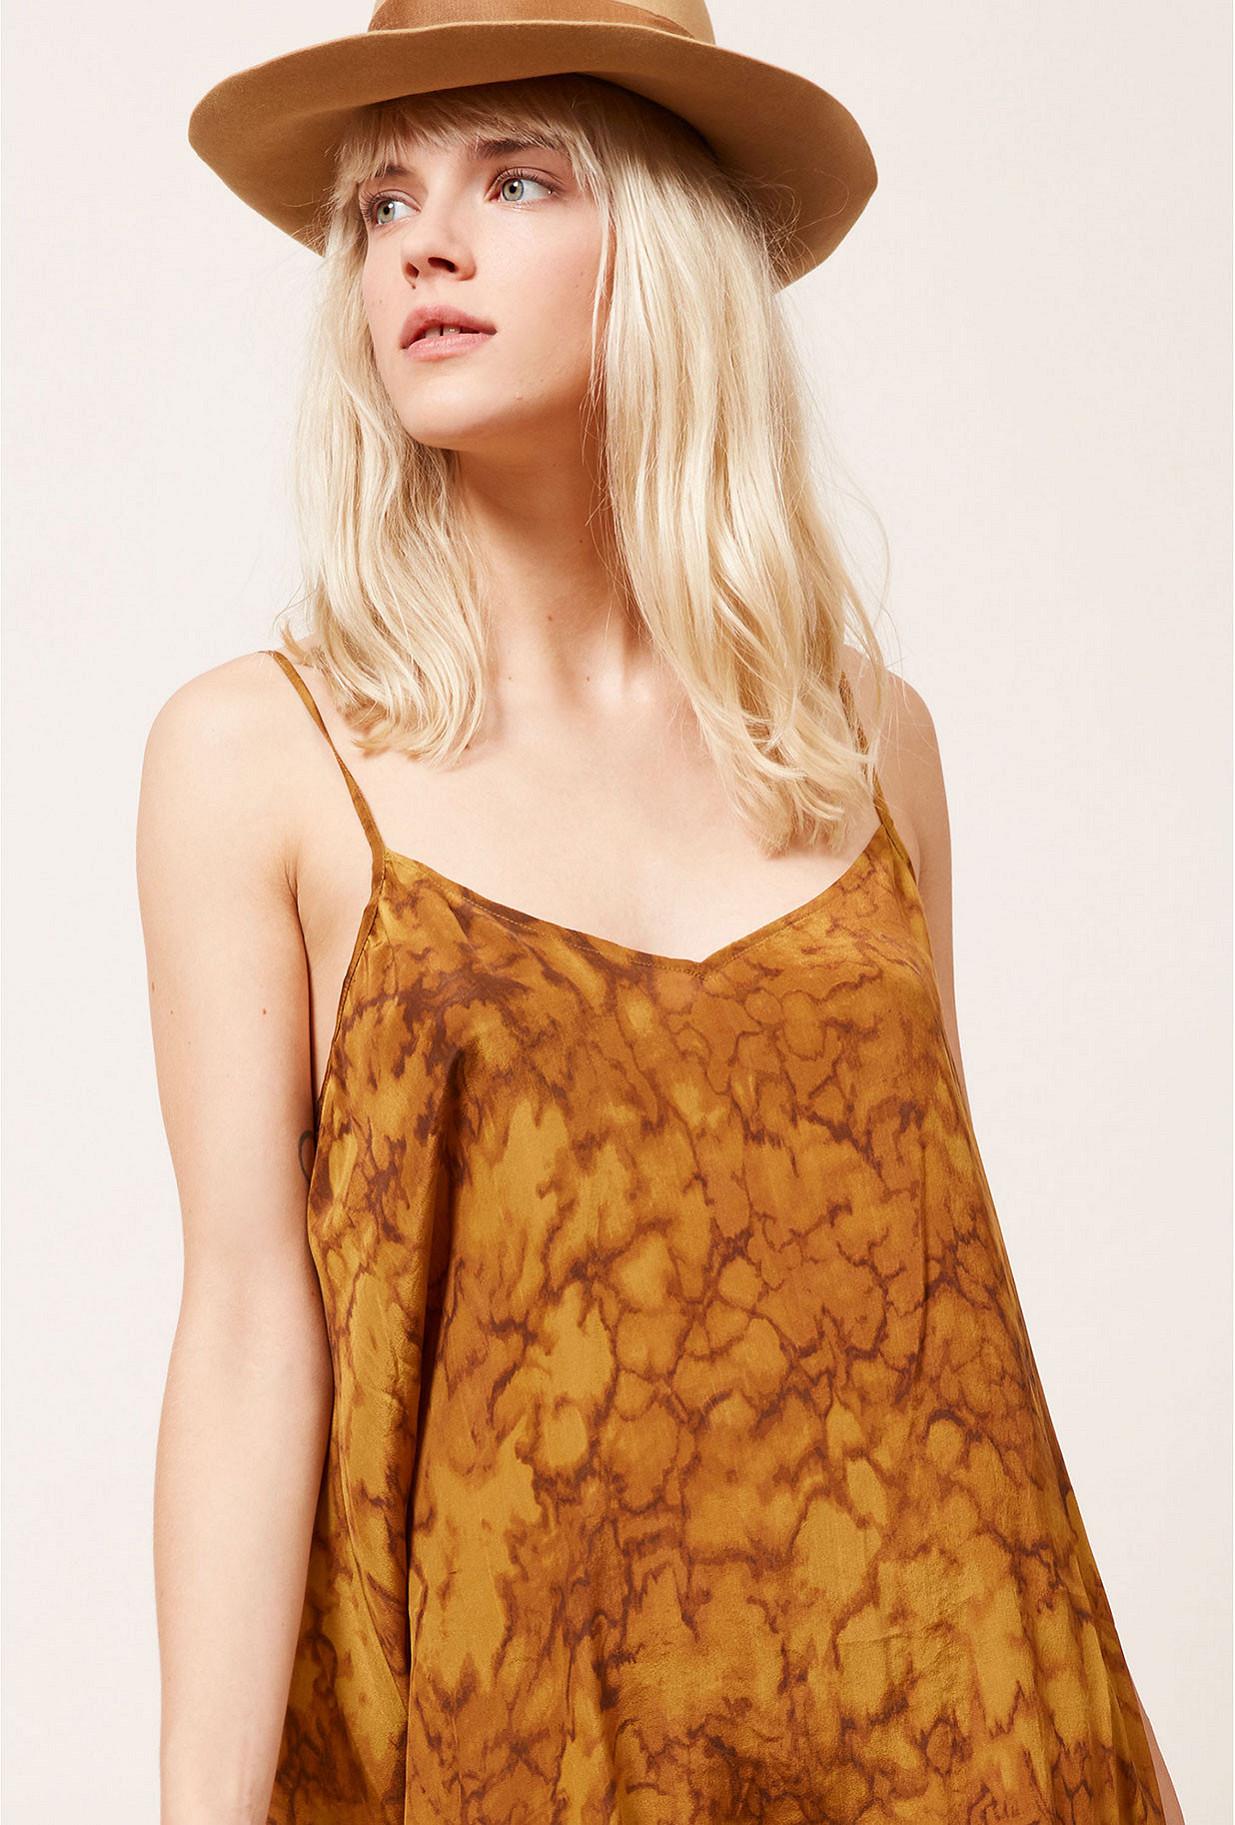 Paris boutique de mode vêtement Robe créateur bohème  Marbella